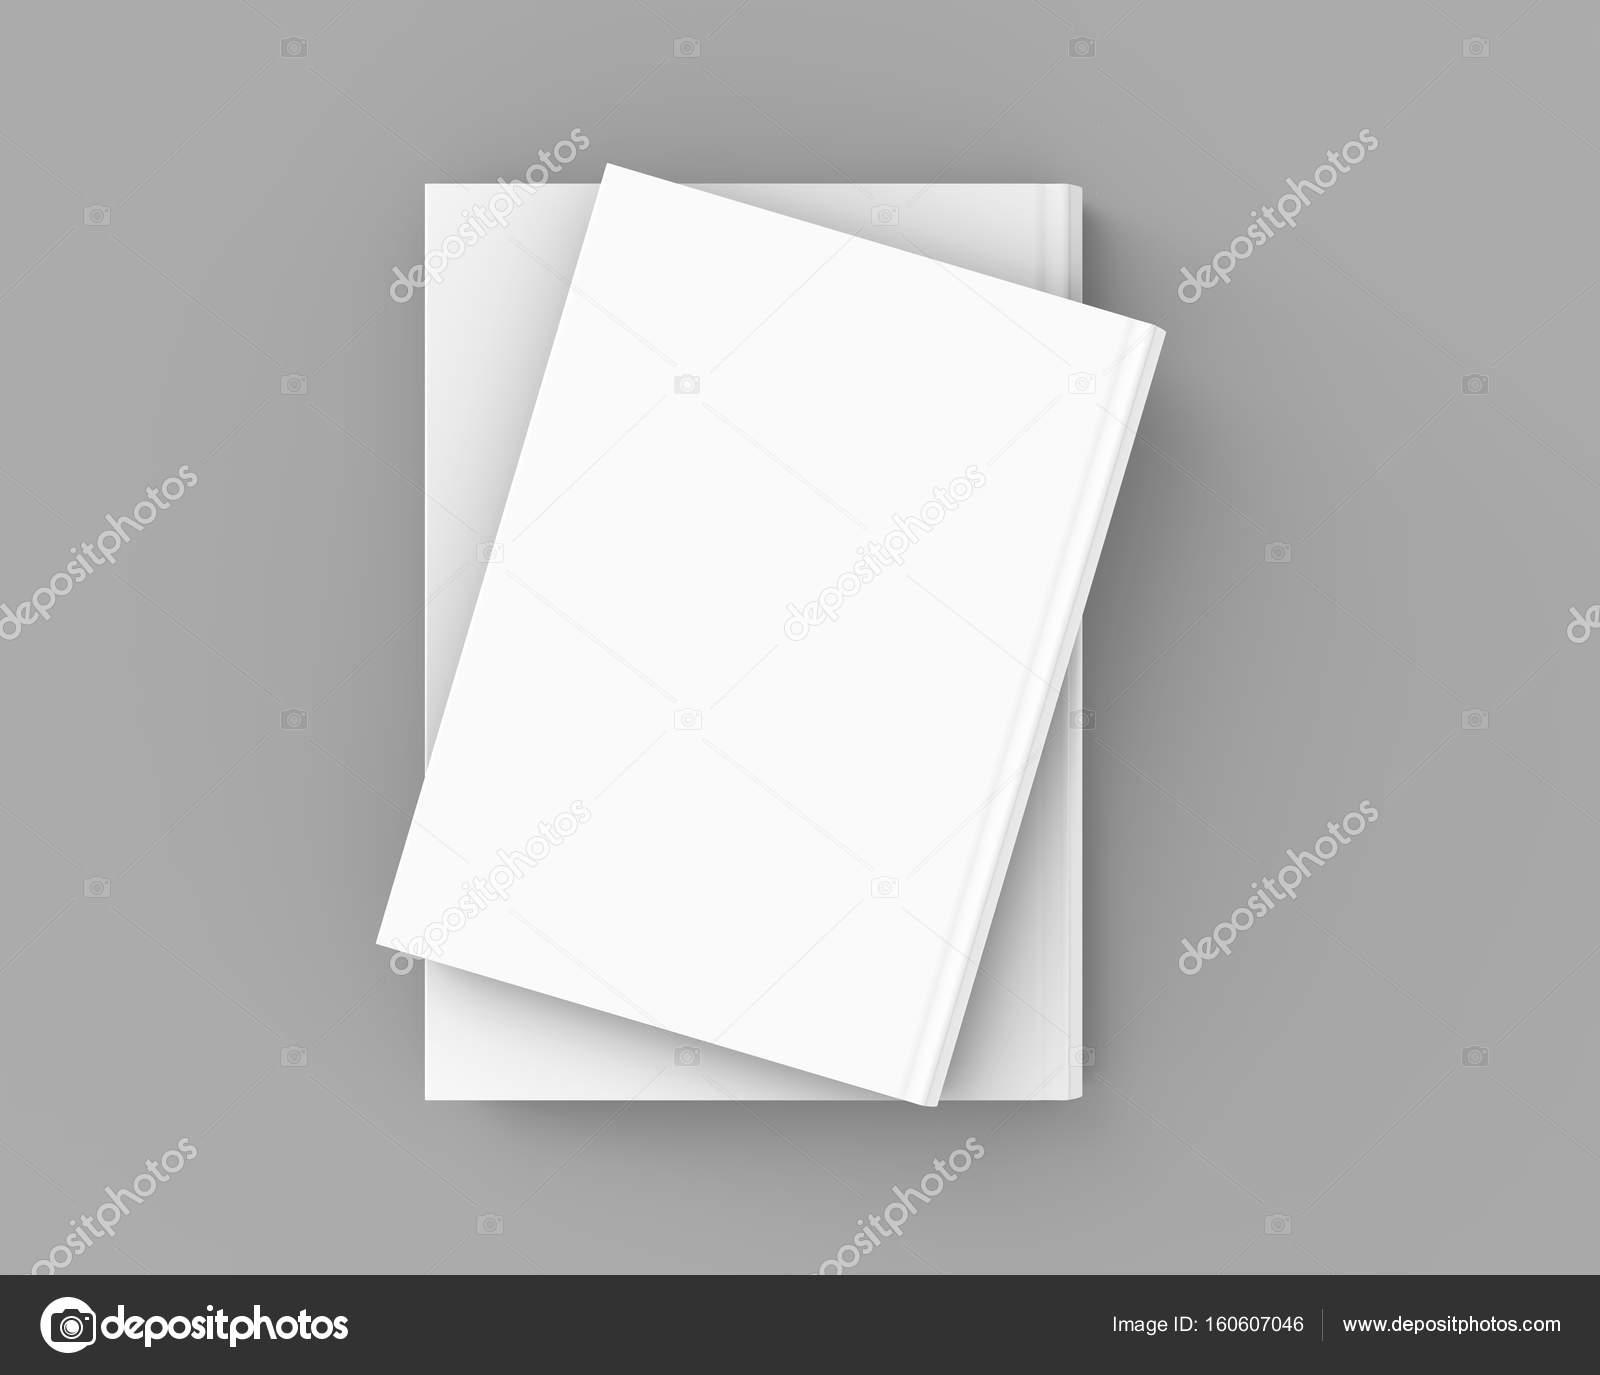 Hardcover-Bücher-Vorlage — Stockfoto © kchungtw #160607046